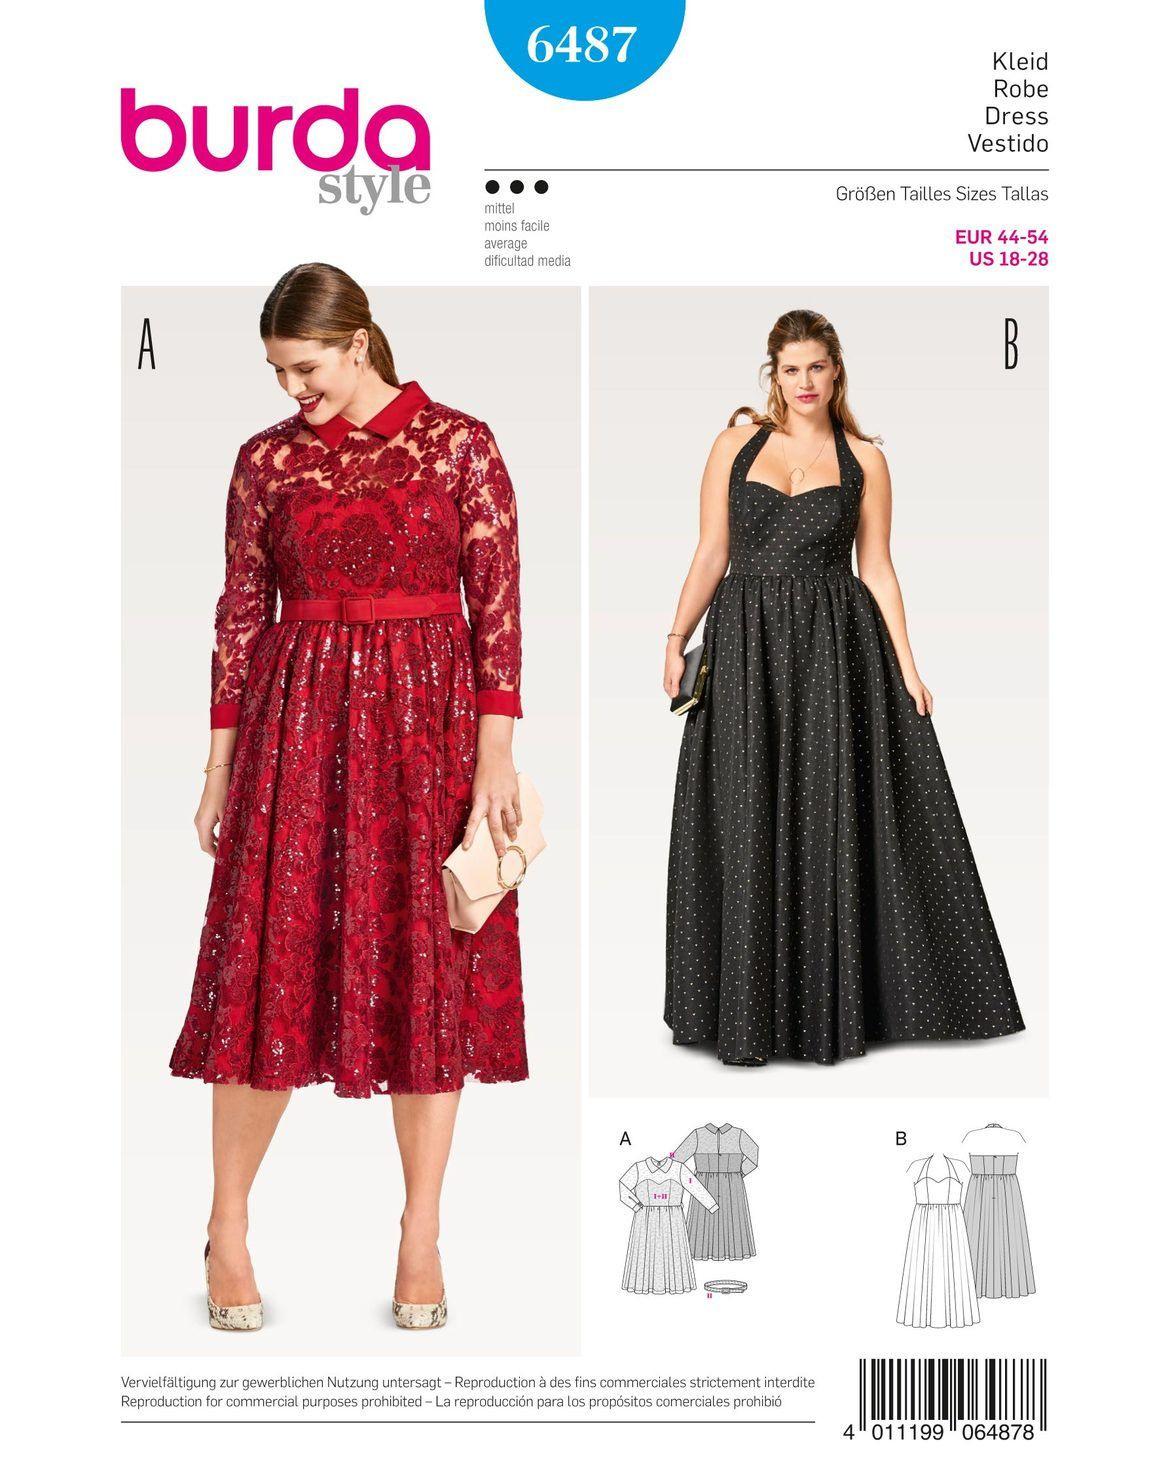 Formal Großartig Abendkleid Selber Nähen Bester PreisAbend Leicht Abendkleid Selber Nähen Galerie